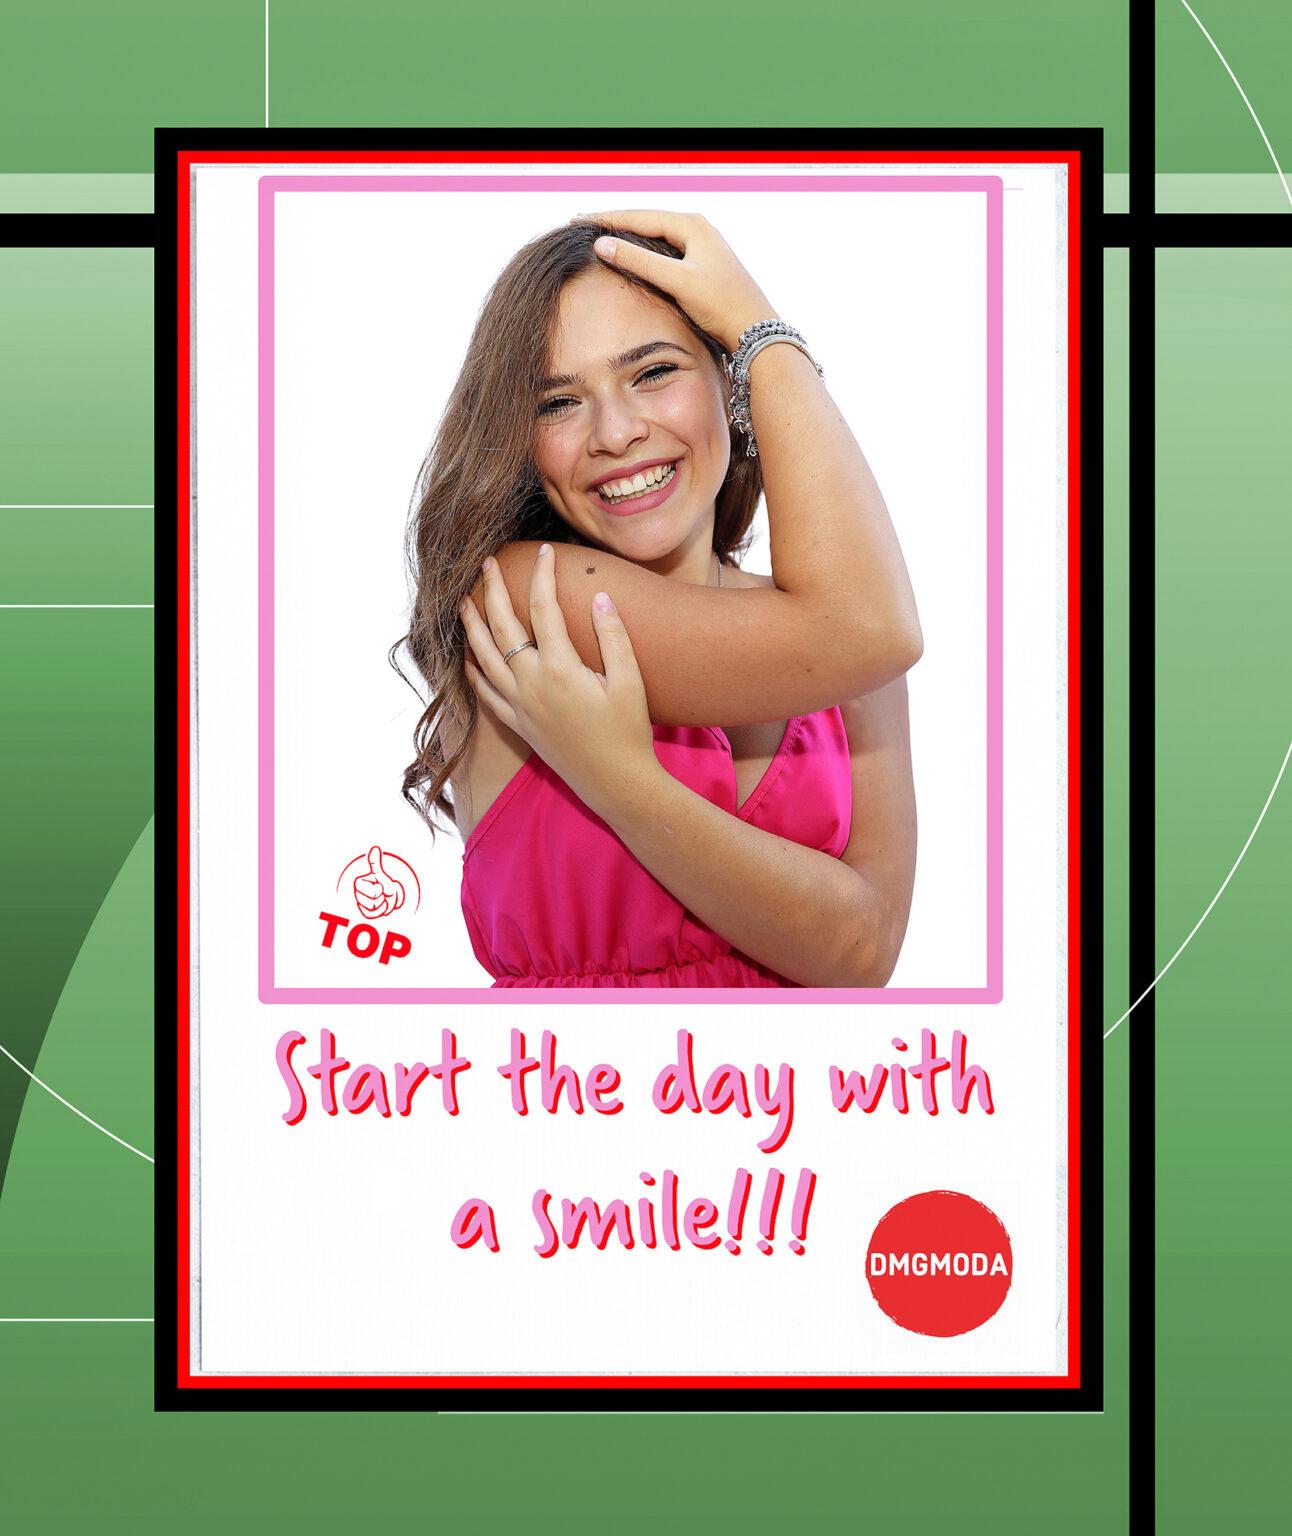 Smile-Alessia-DMG